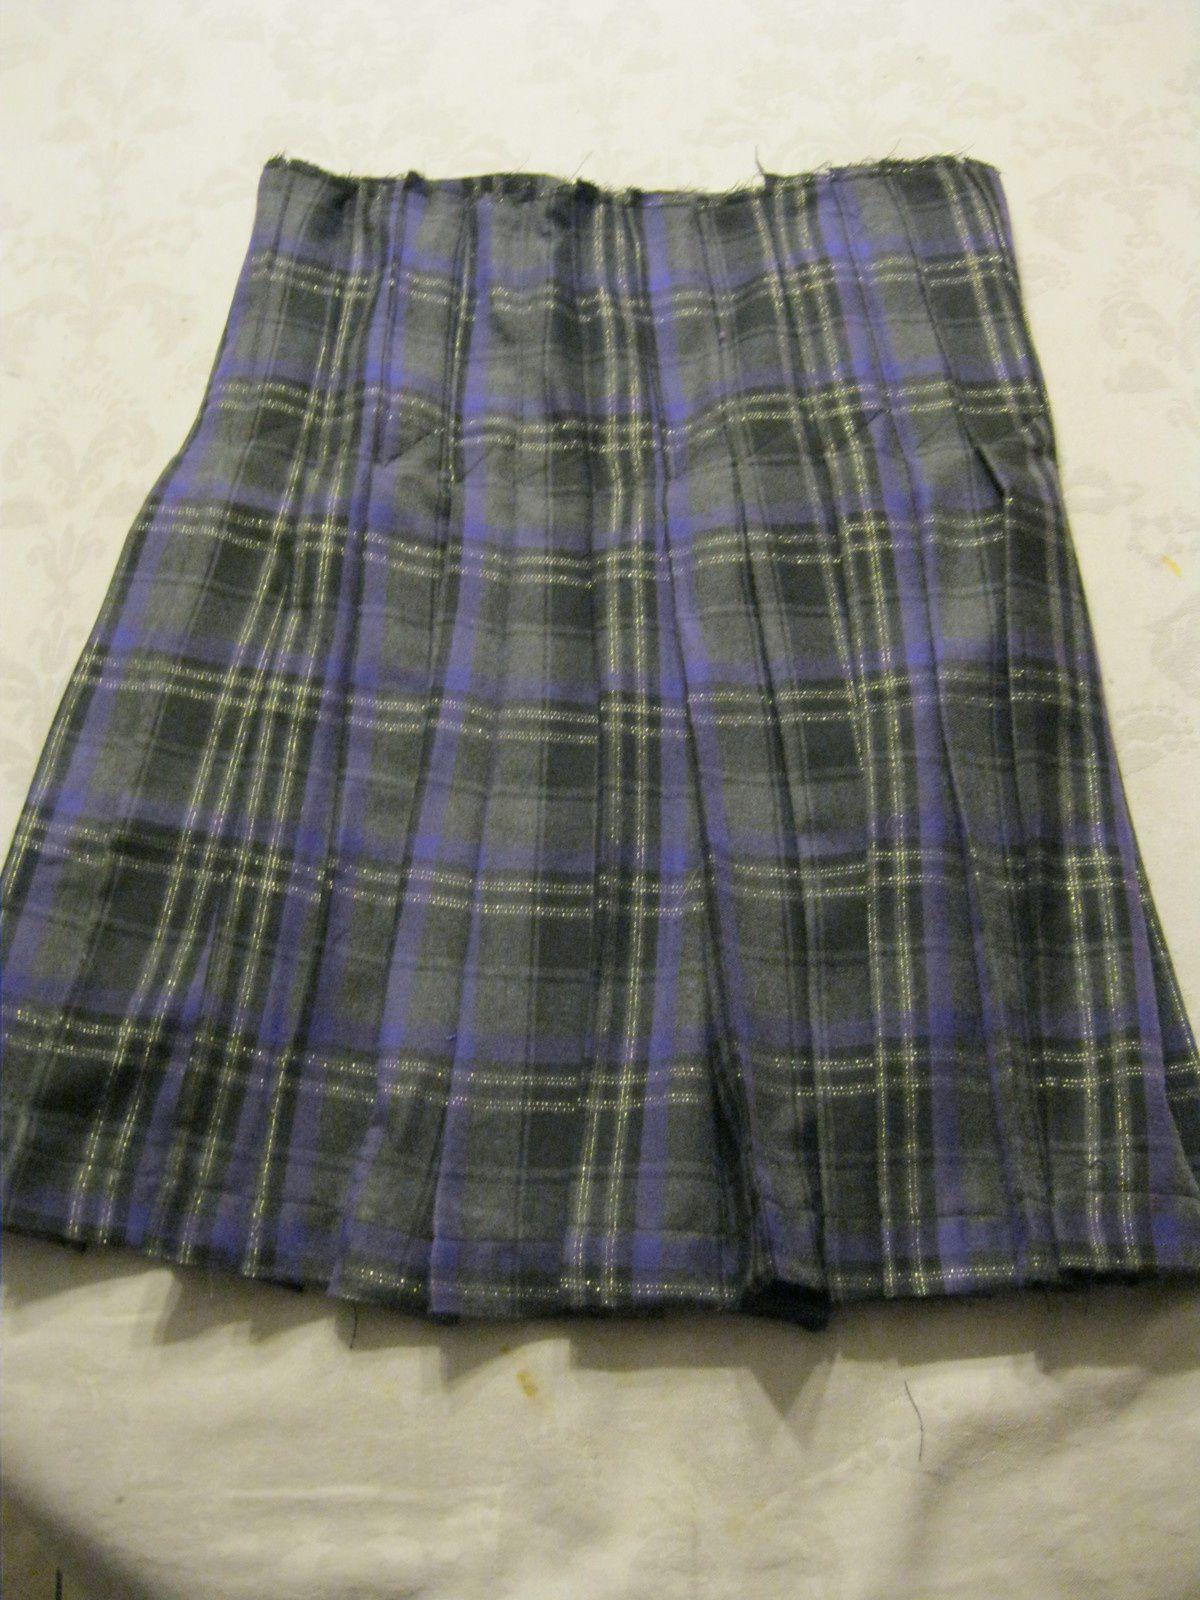 en haut, le devant du kilt avec son panneau sans pli et en bas, l'arrière du kilt entièrement plissé.